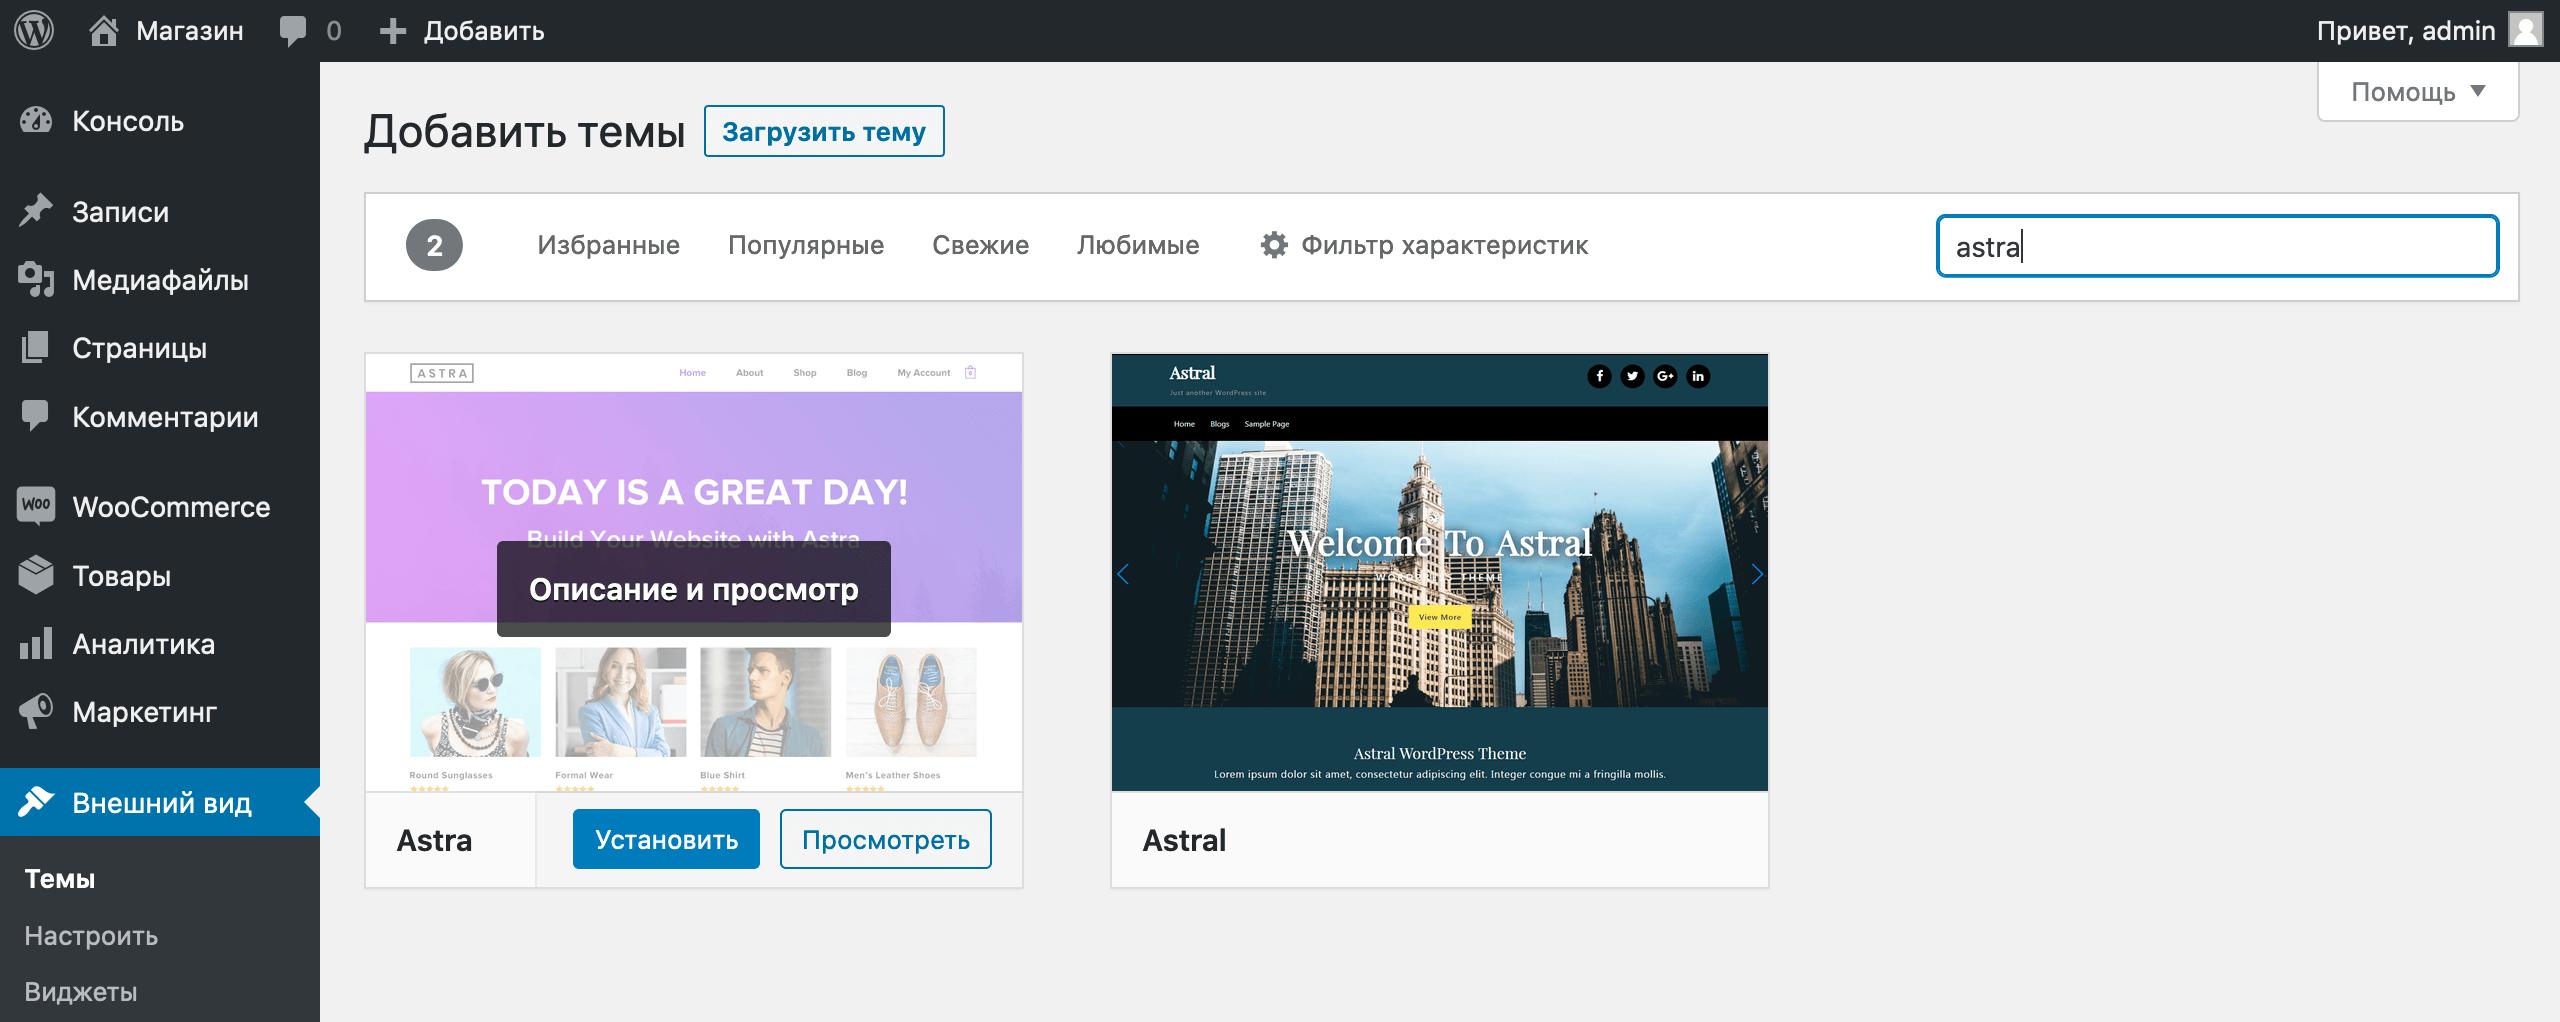 Создание интернет-магазина на WordPress: установка темы